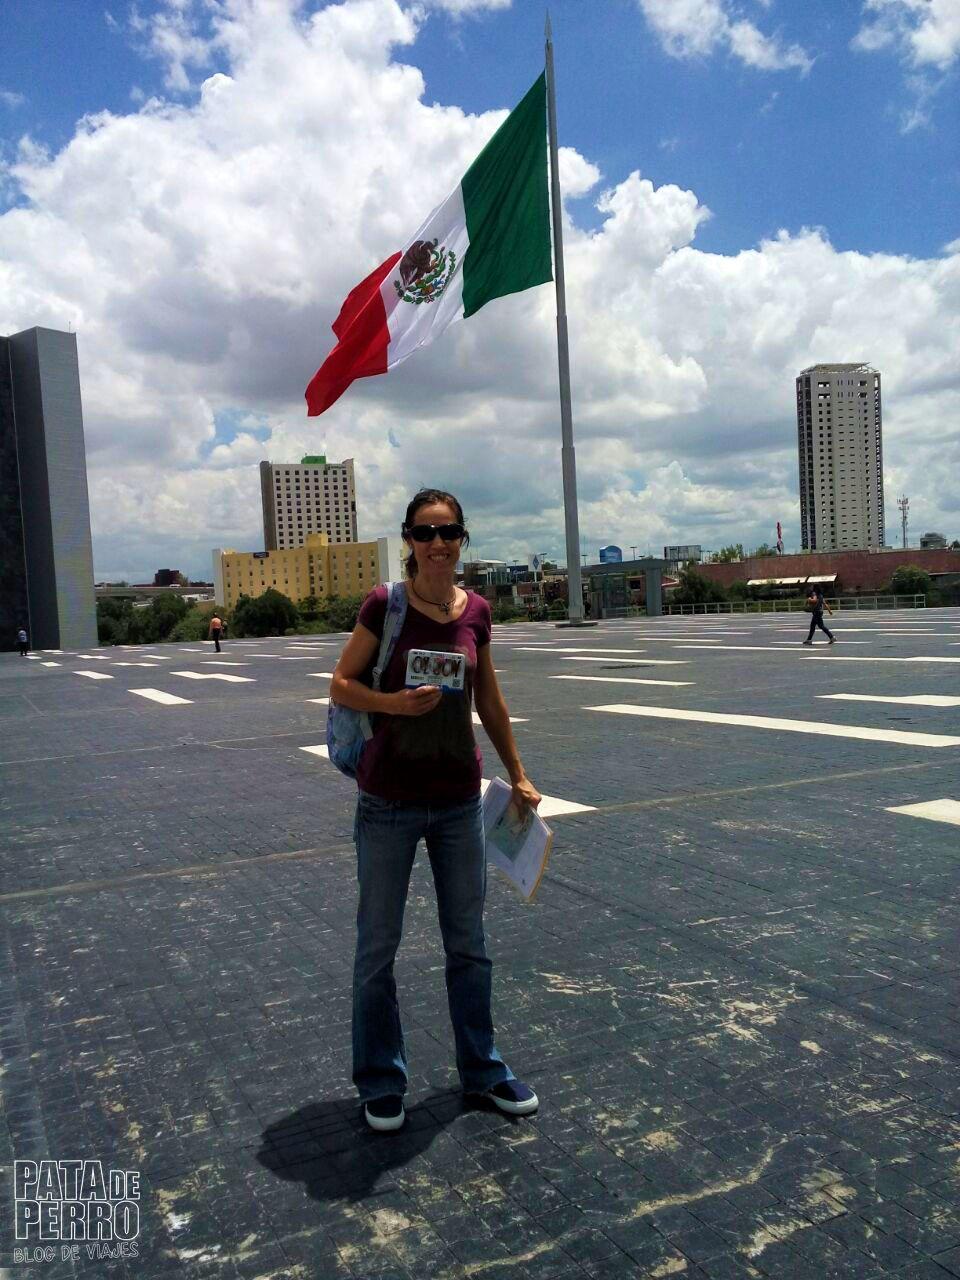 emplacar-vehiculo-auto-moto-puebla-pata-de-perro-blog-de-viajes-mexico05